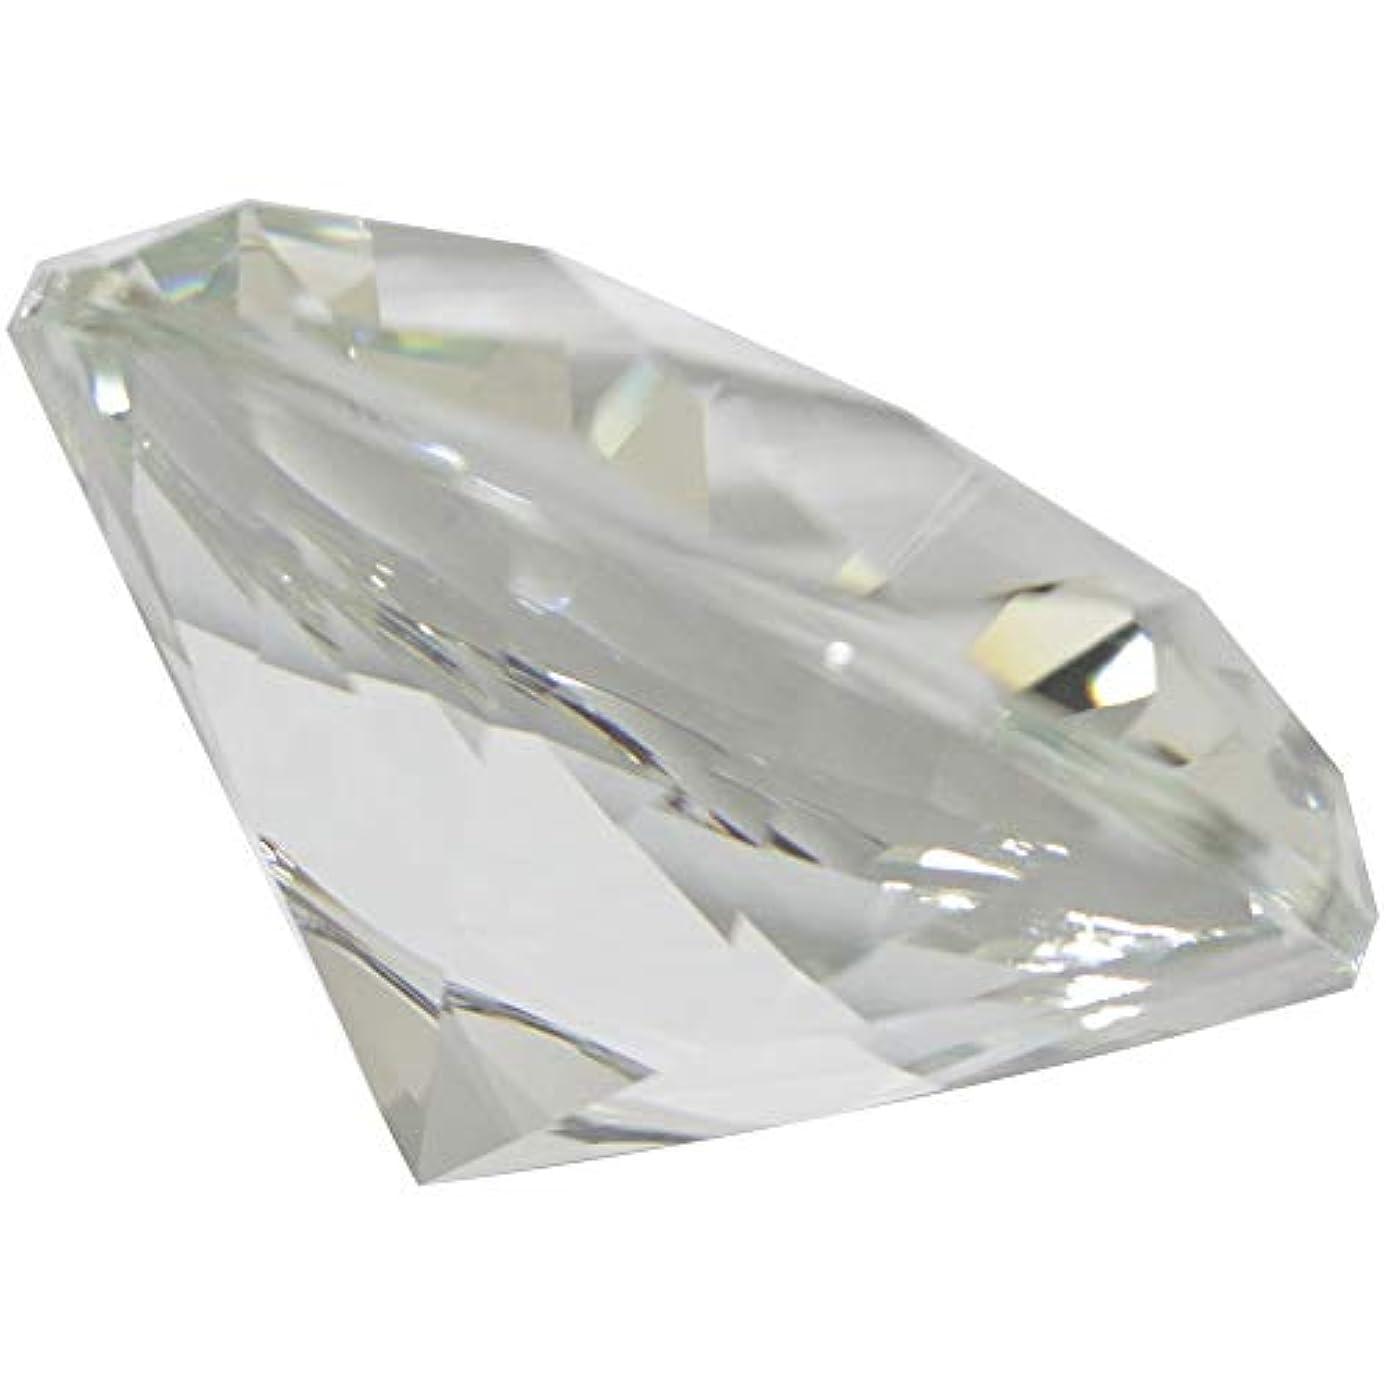 日帰り旅行に創造偏心MATIERE ダイヤモンド型ガラスオブジェ100m